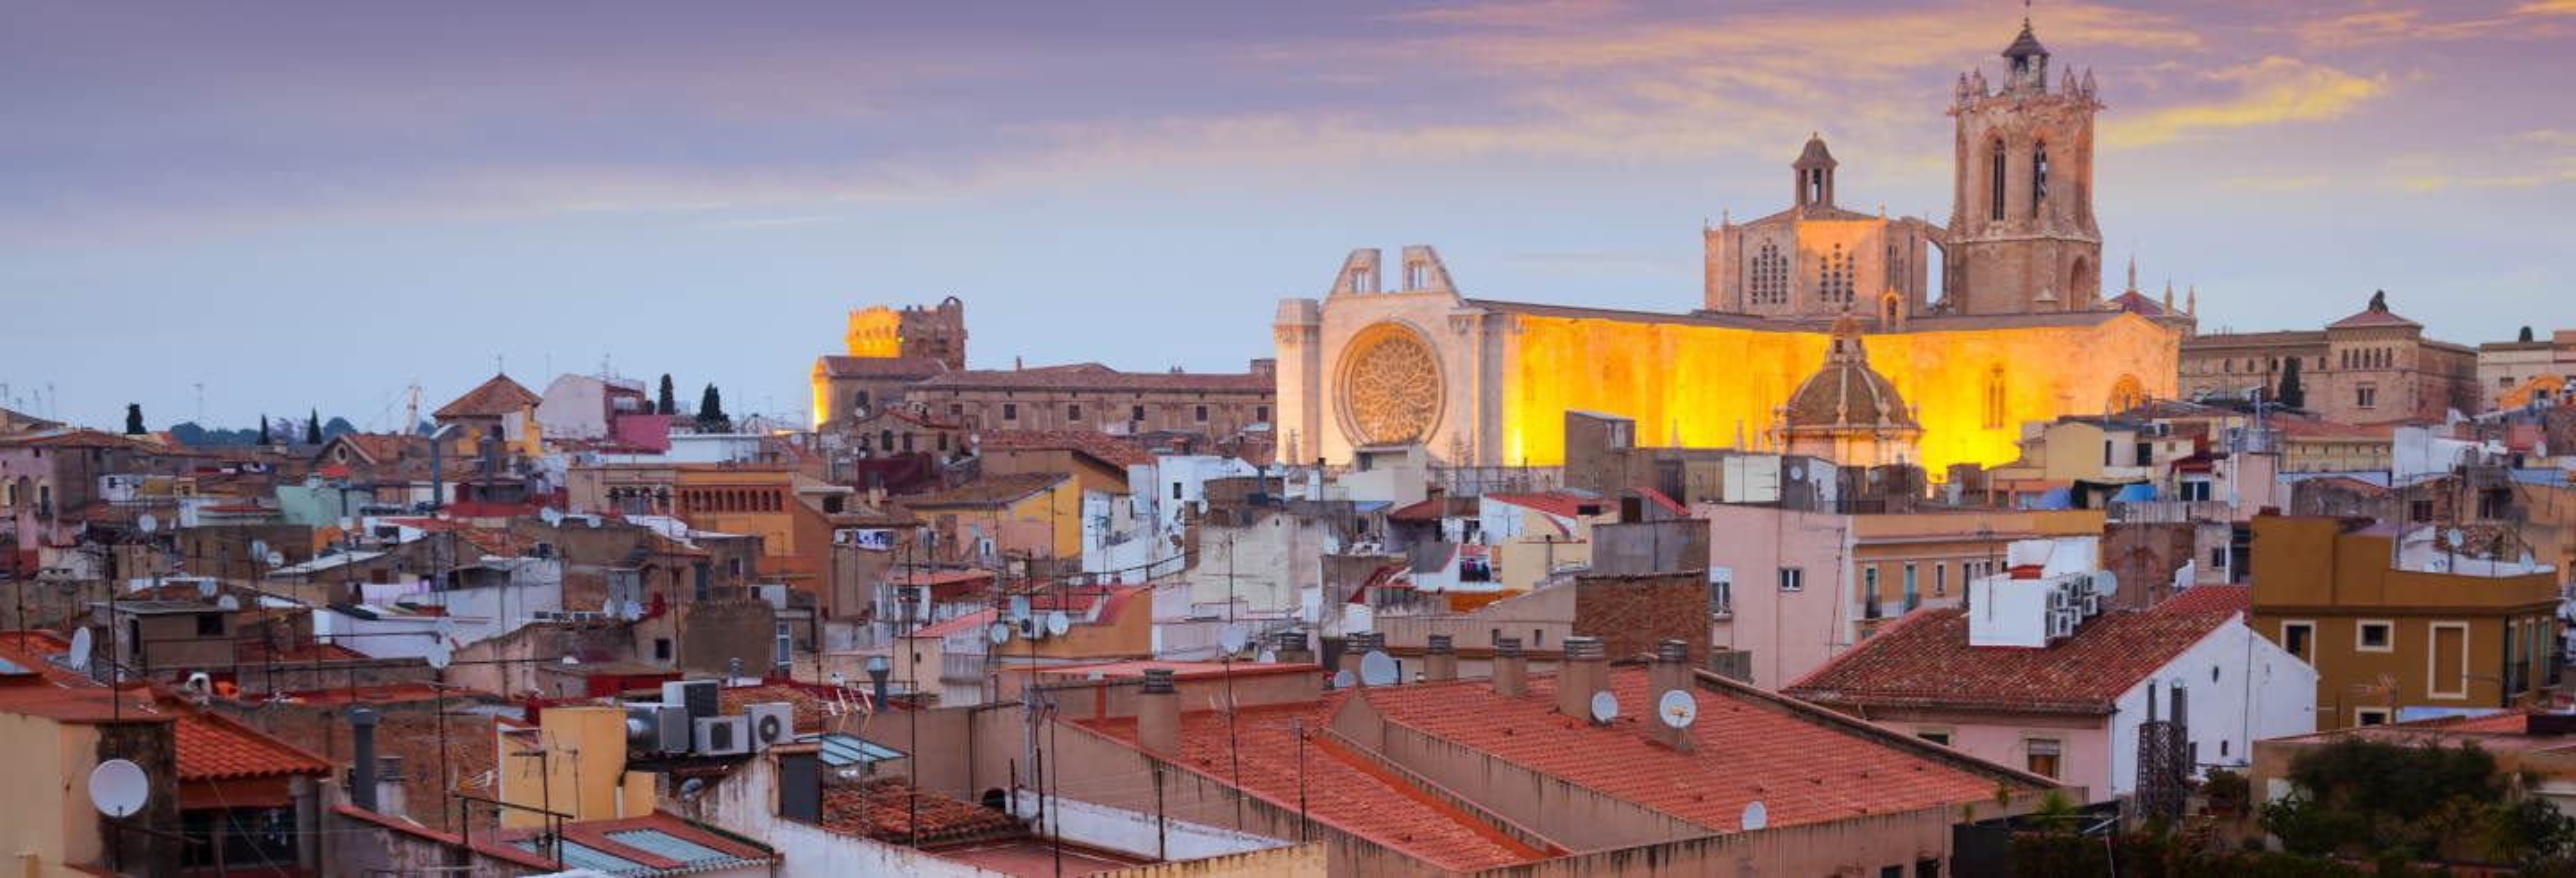 Tour dos mistérios e lendas de Tarragona